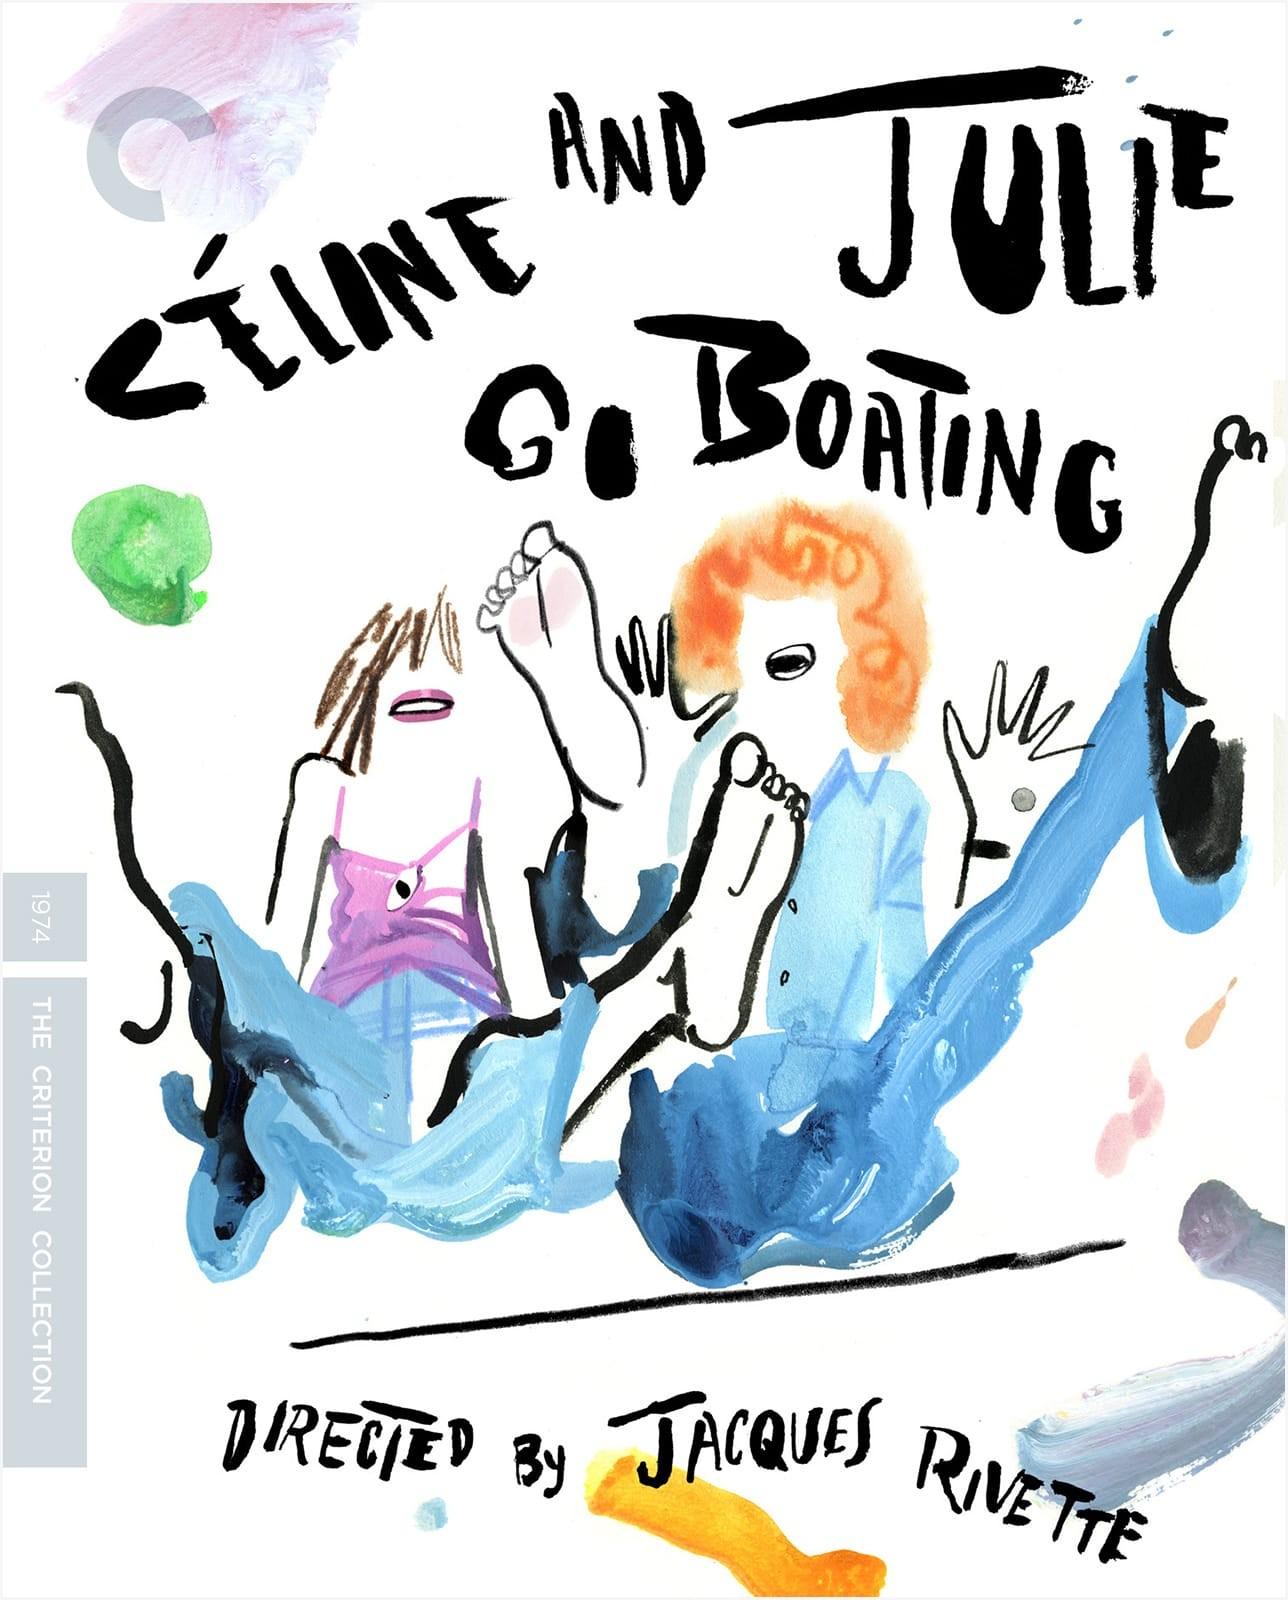 Celine and Julie Go Boating / Céline et Julie vont en bateau (1974) [Criterion Collection]